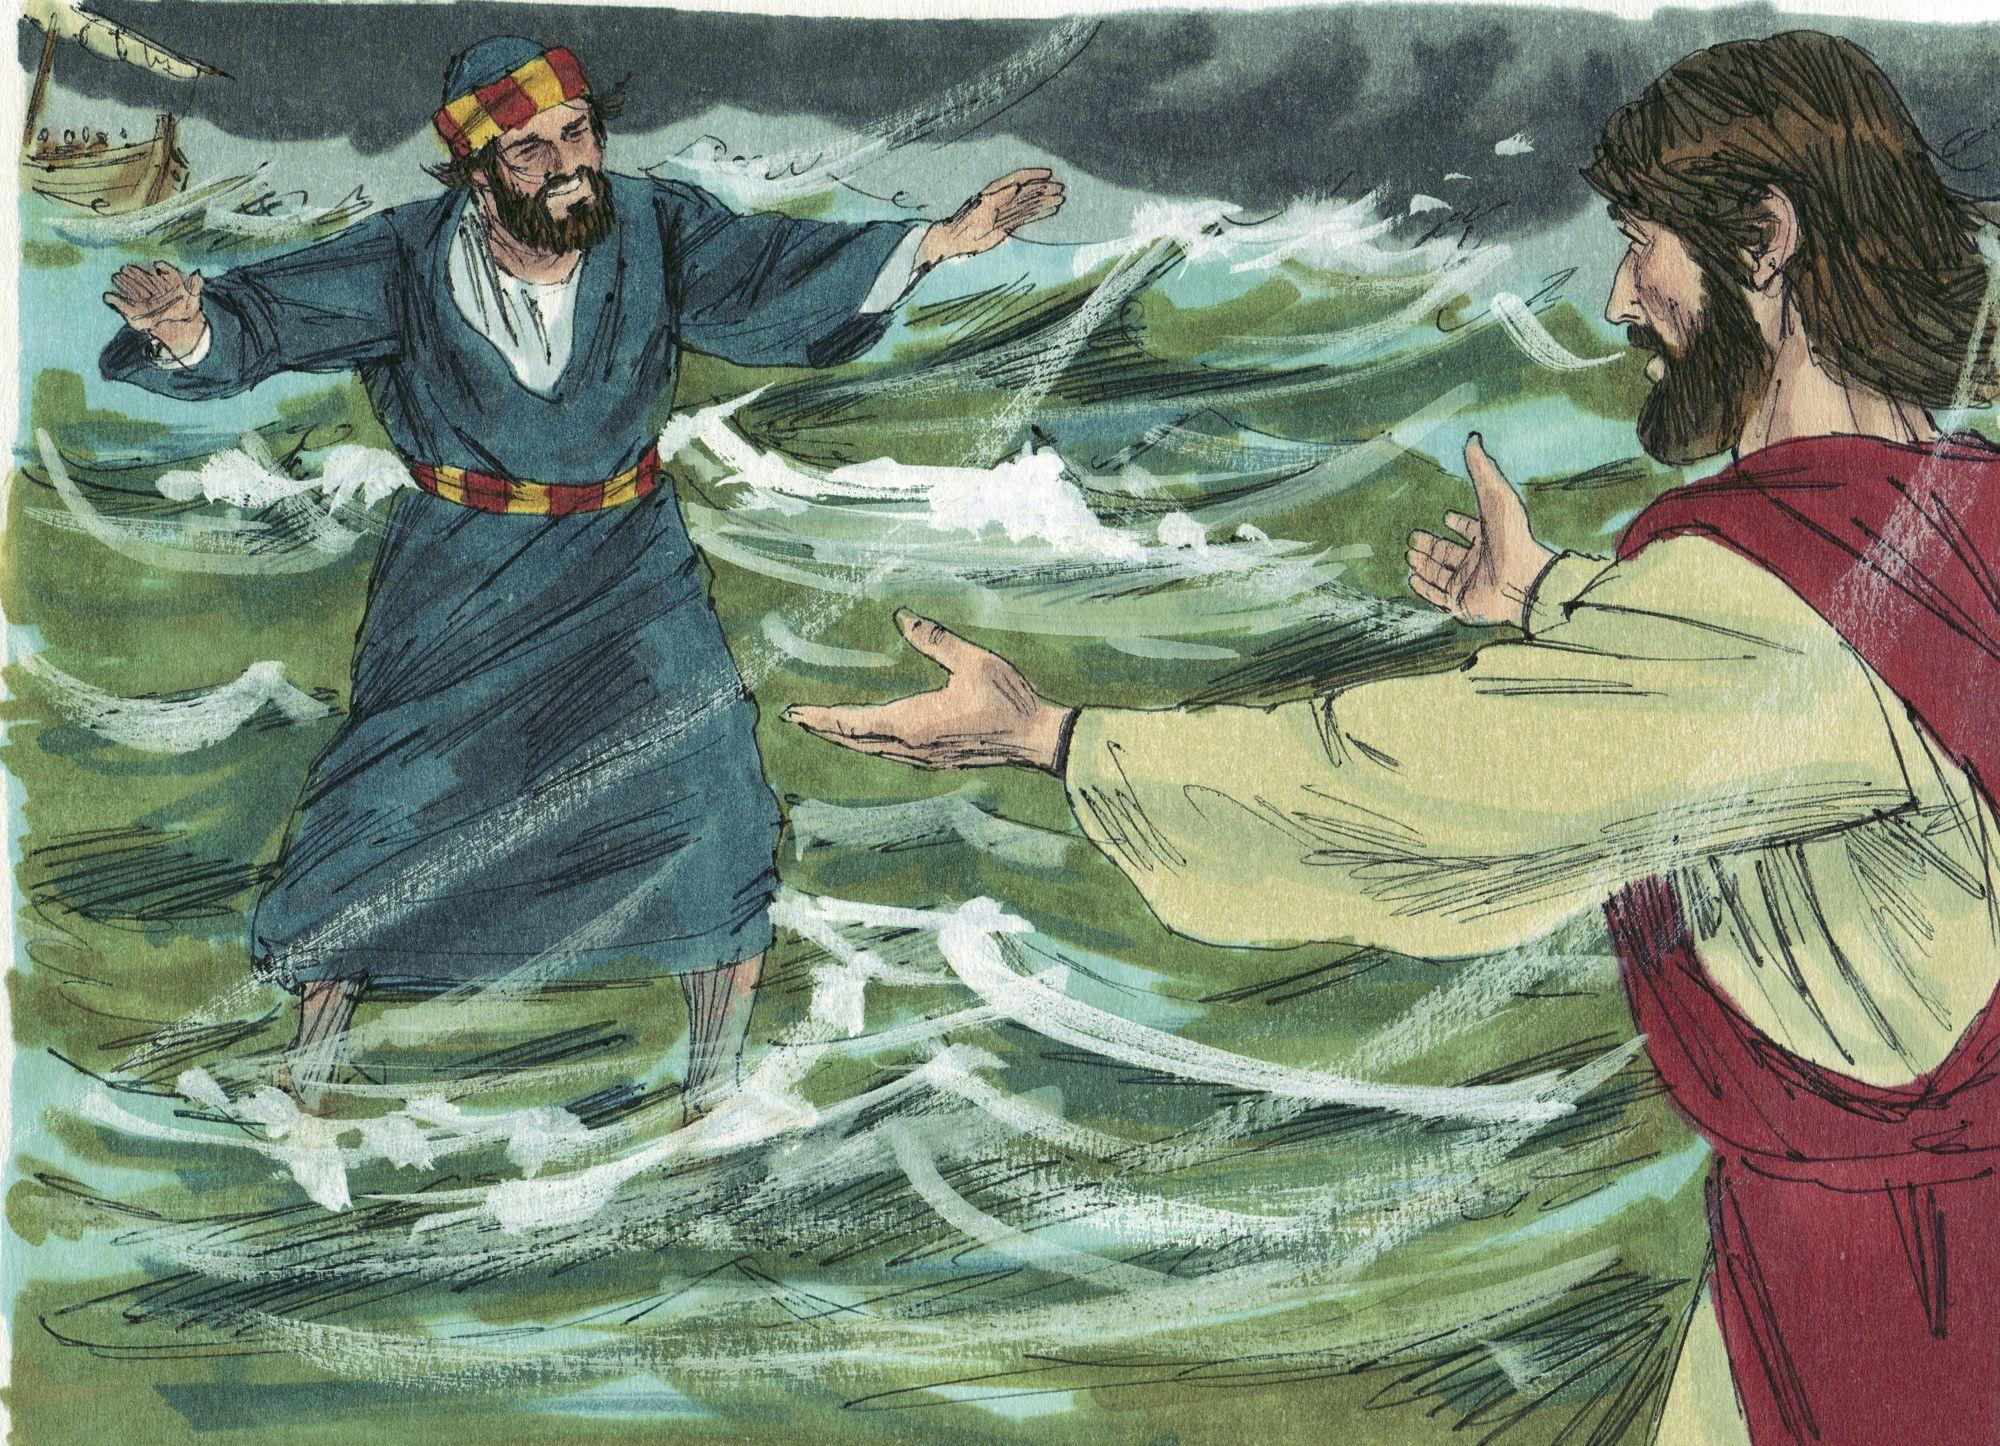 Peter walks on water visual Jesus walk on water, Peter